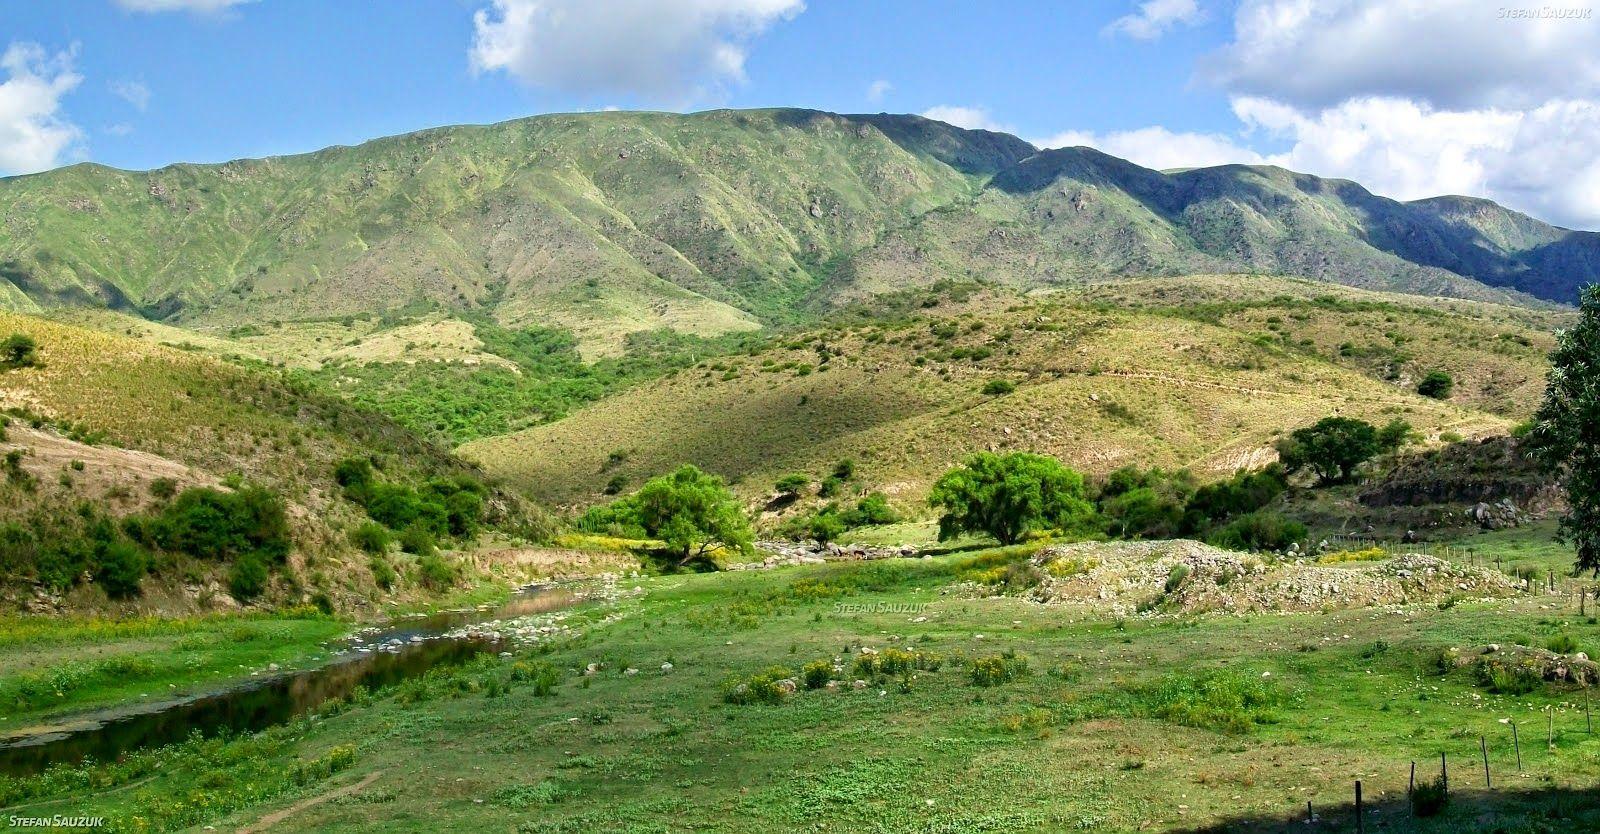 Una panorámica de la zona en la que la Ruta Provincial N° 1 cruza el Río Singuil